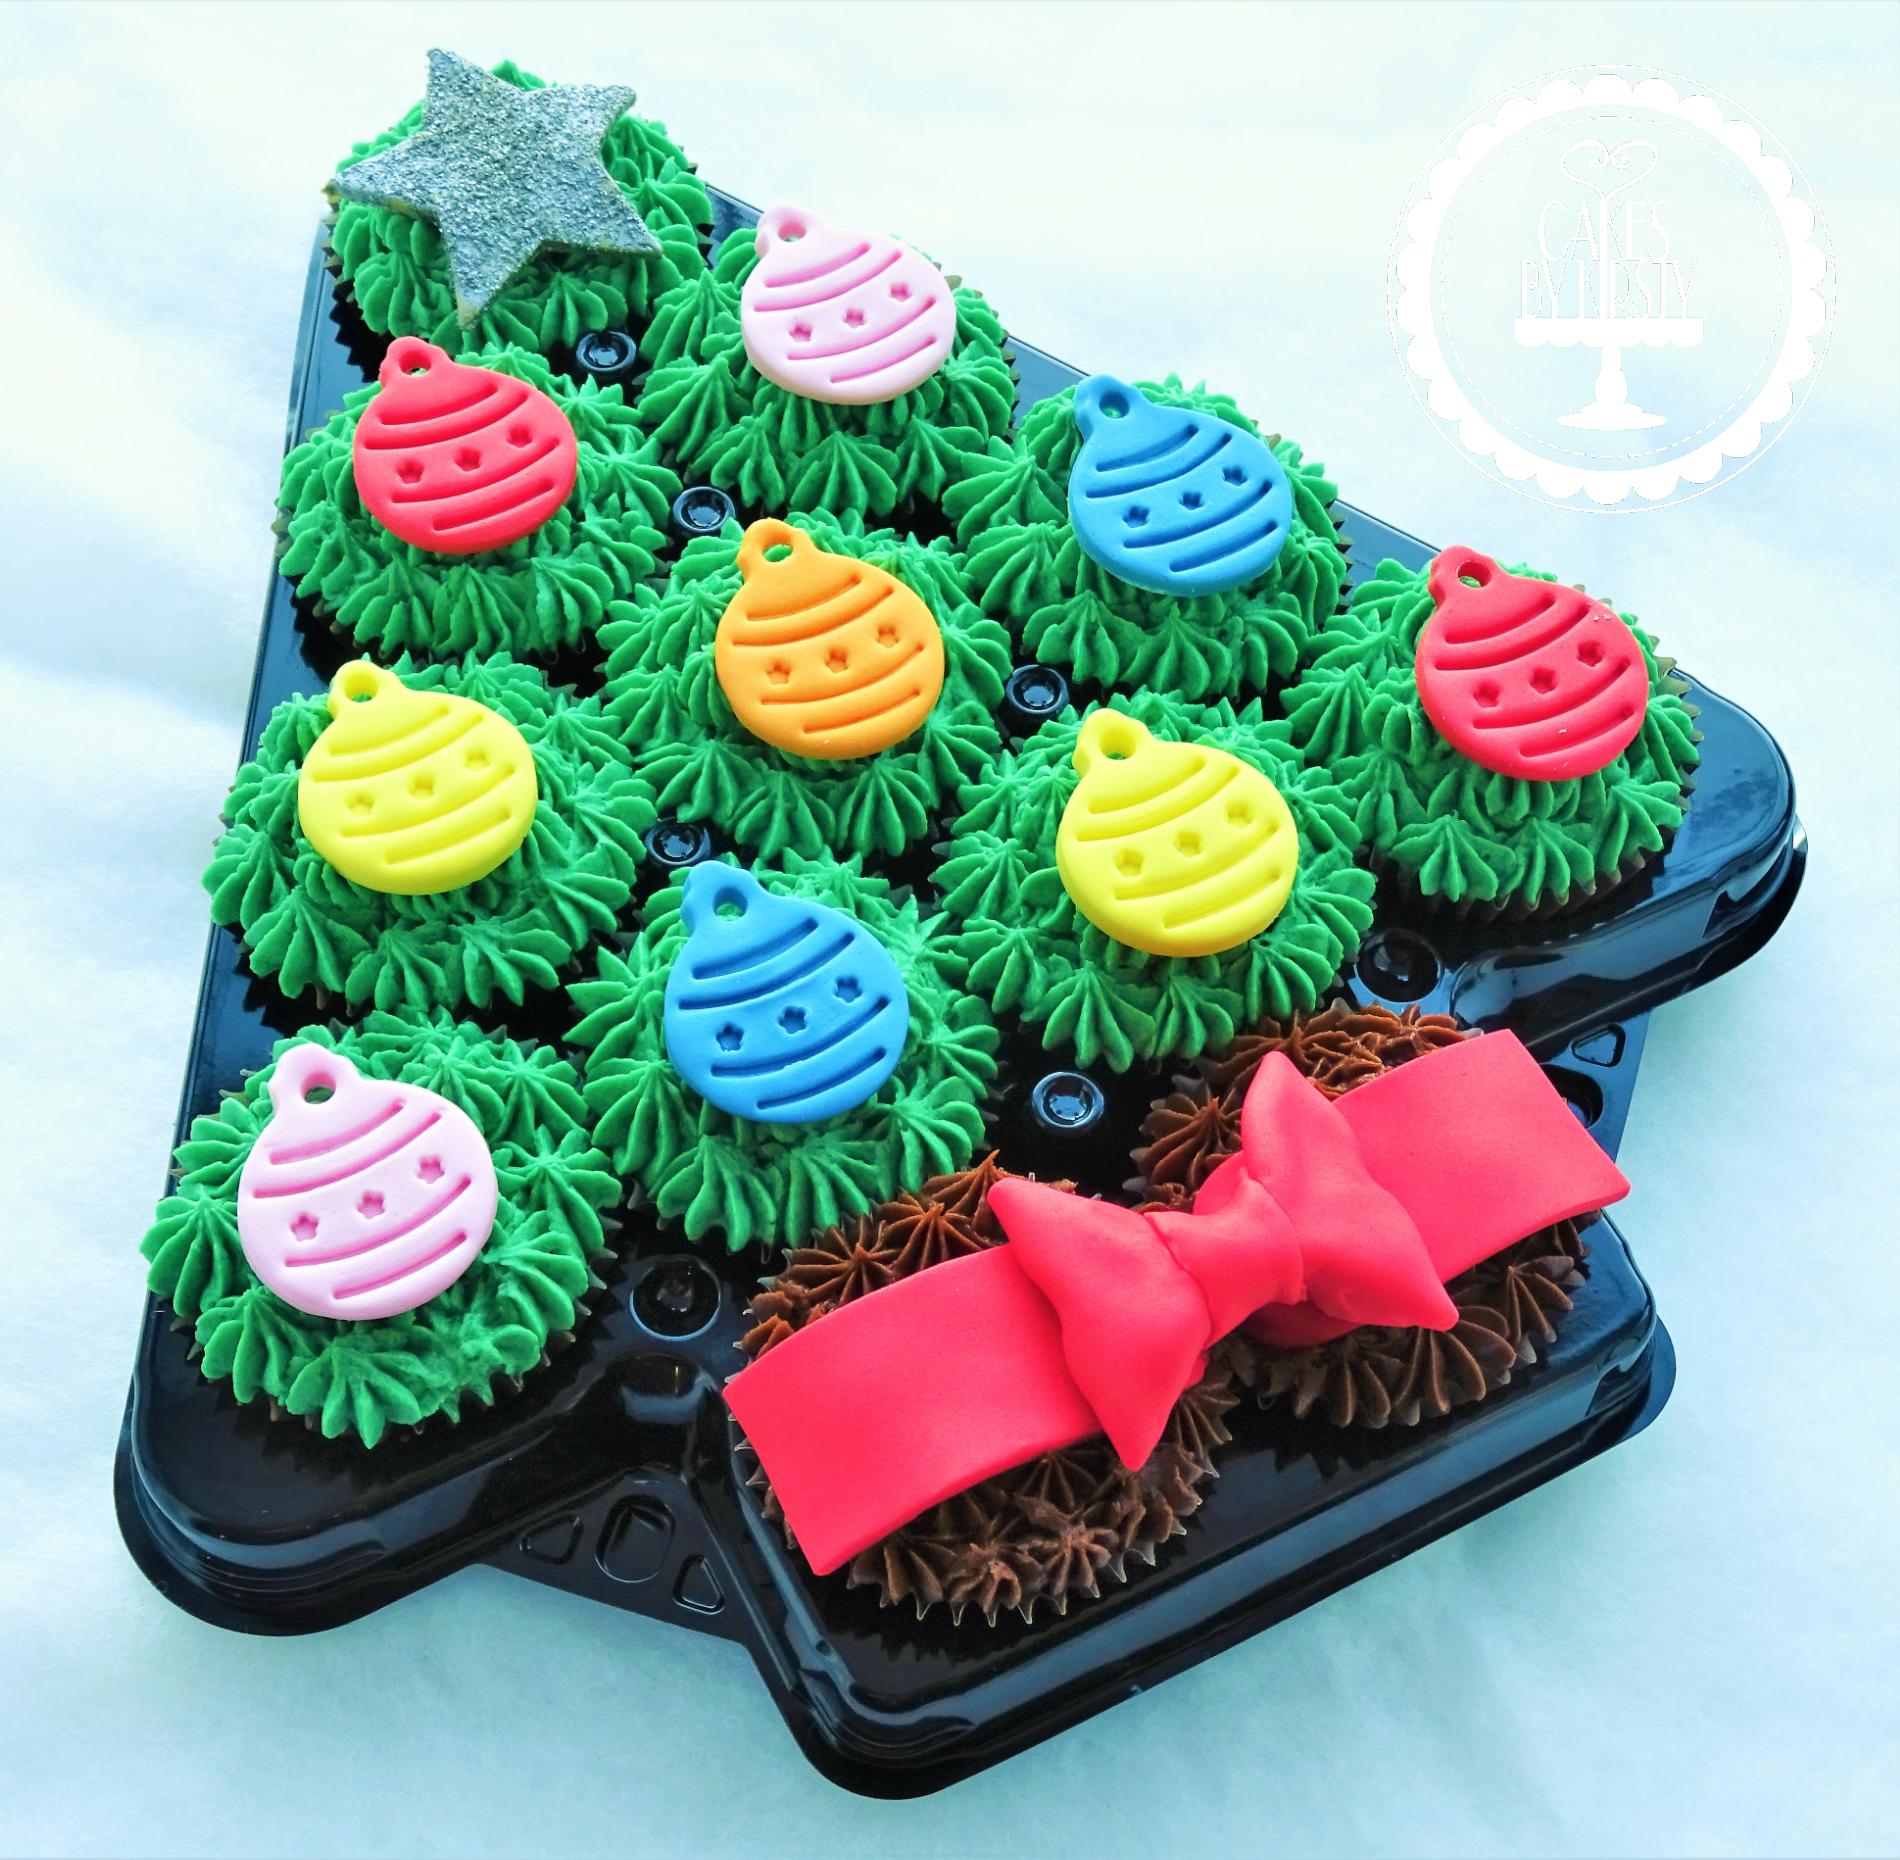 Christmas Tree Platter Cupcakes